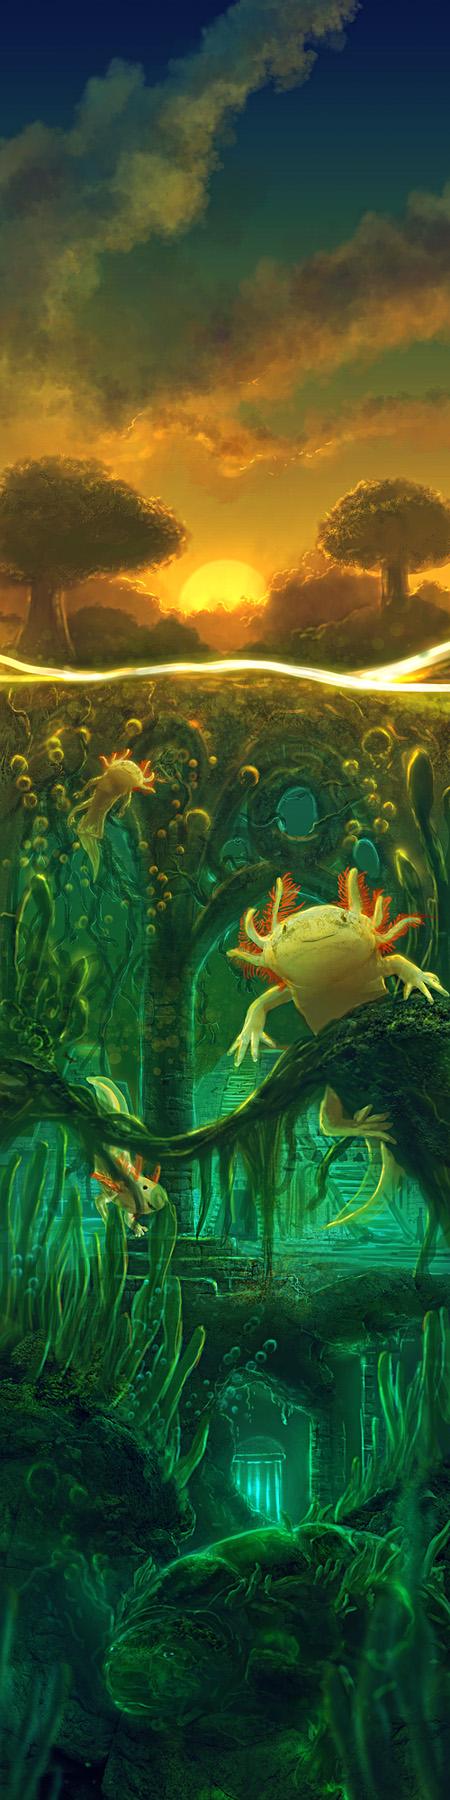 Axolotl Waters